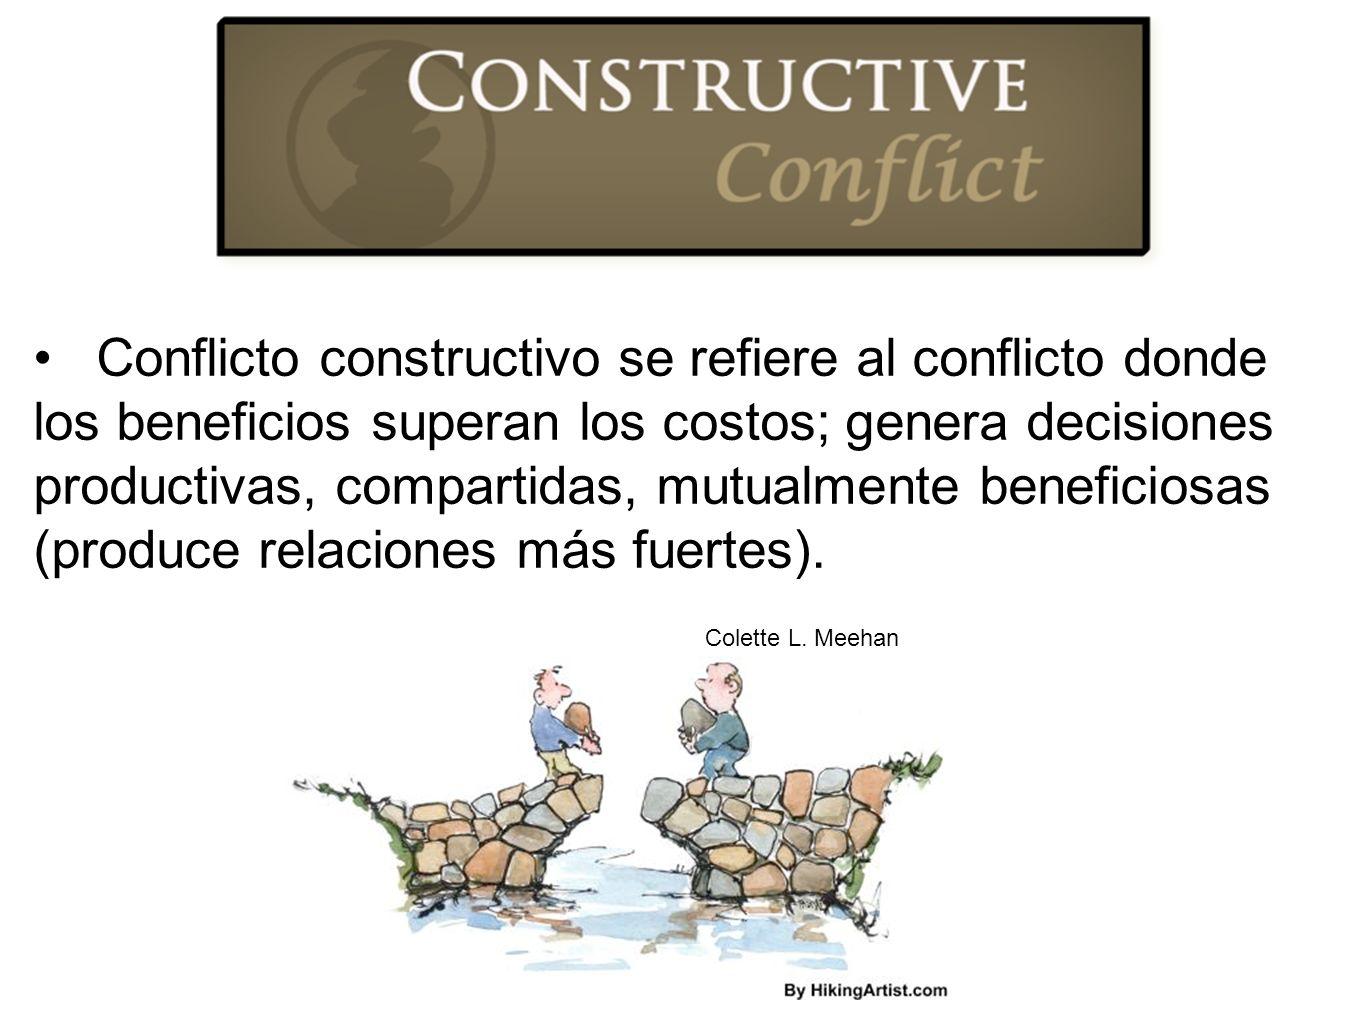 Conflicto constructivo se refiere al conflicto donde los beneficios superan los costos; genera decisiones productivas, compartidas, mutualmente beneficiosas (produce relaciones más fuertes).